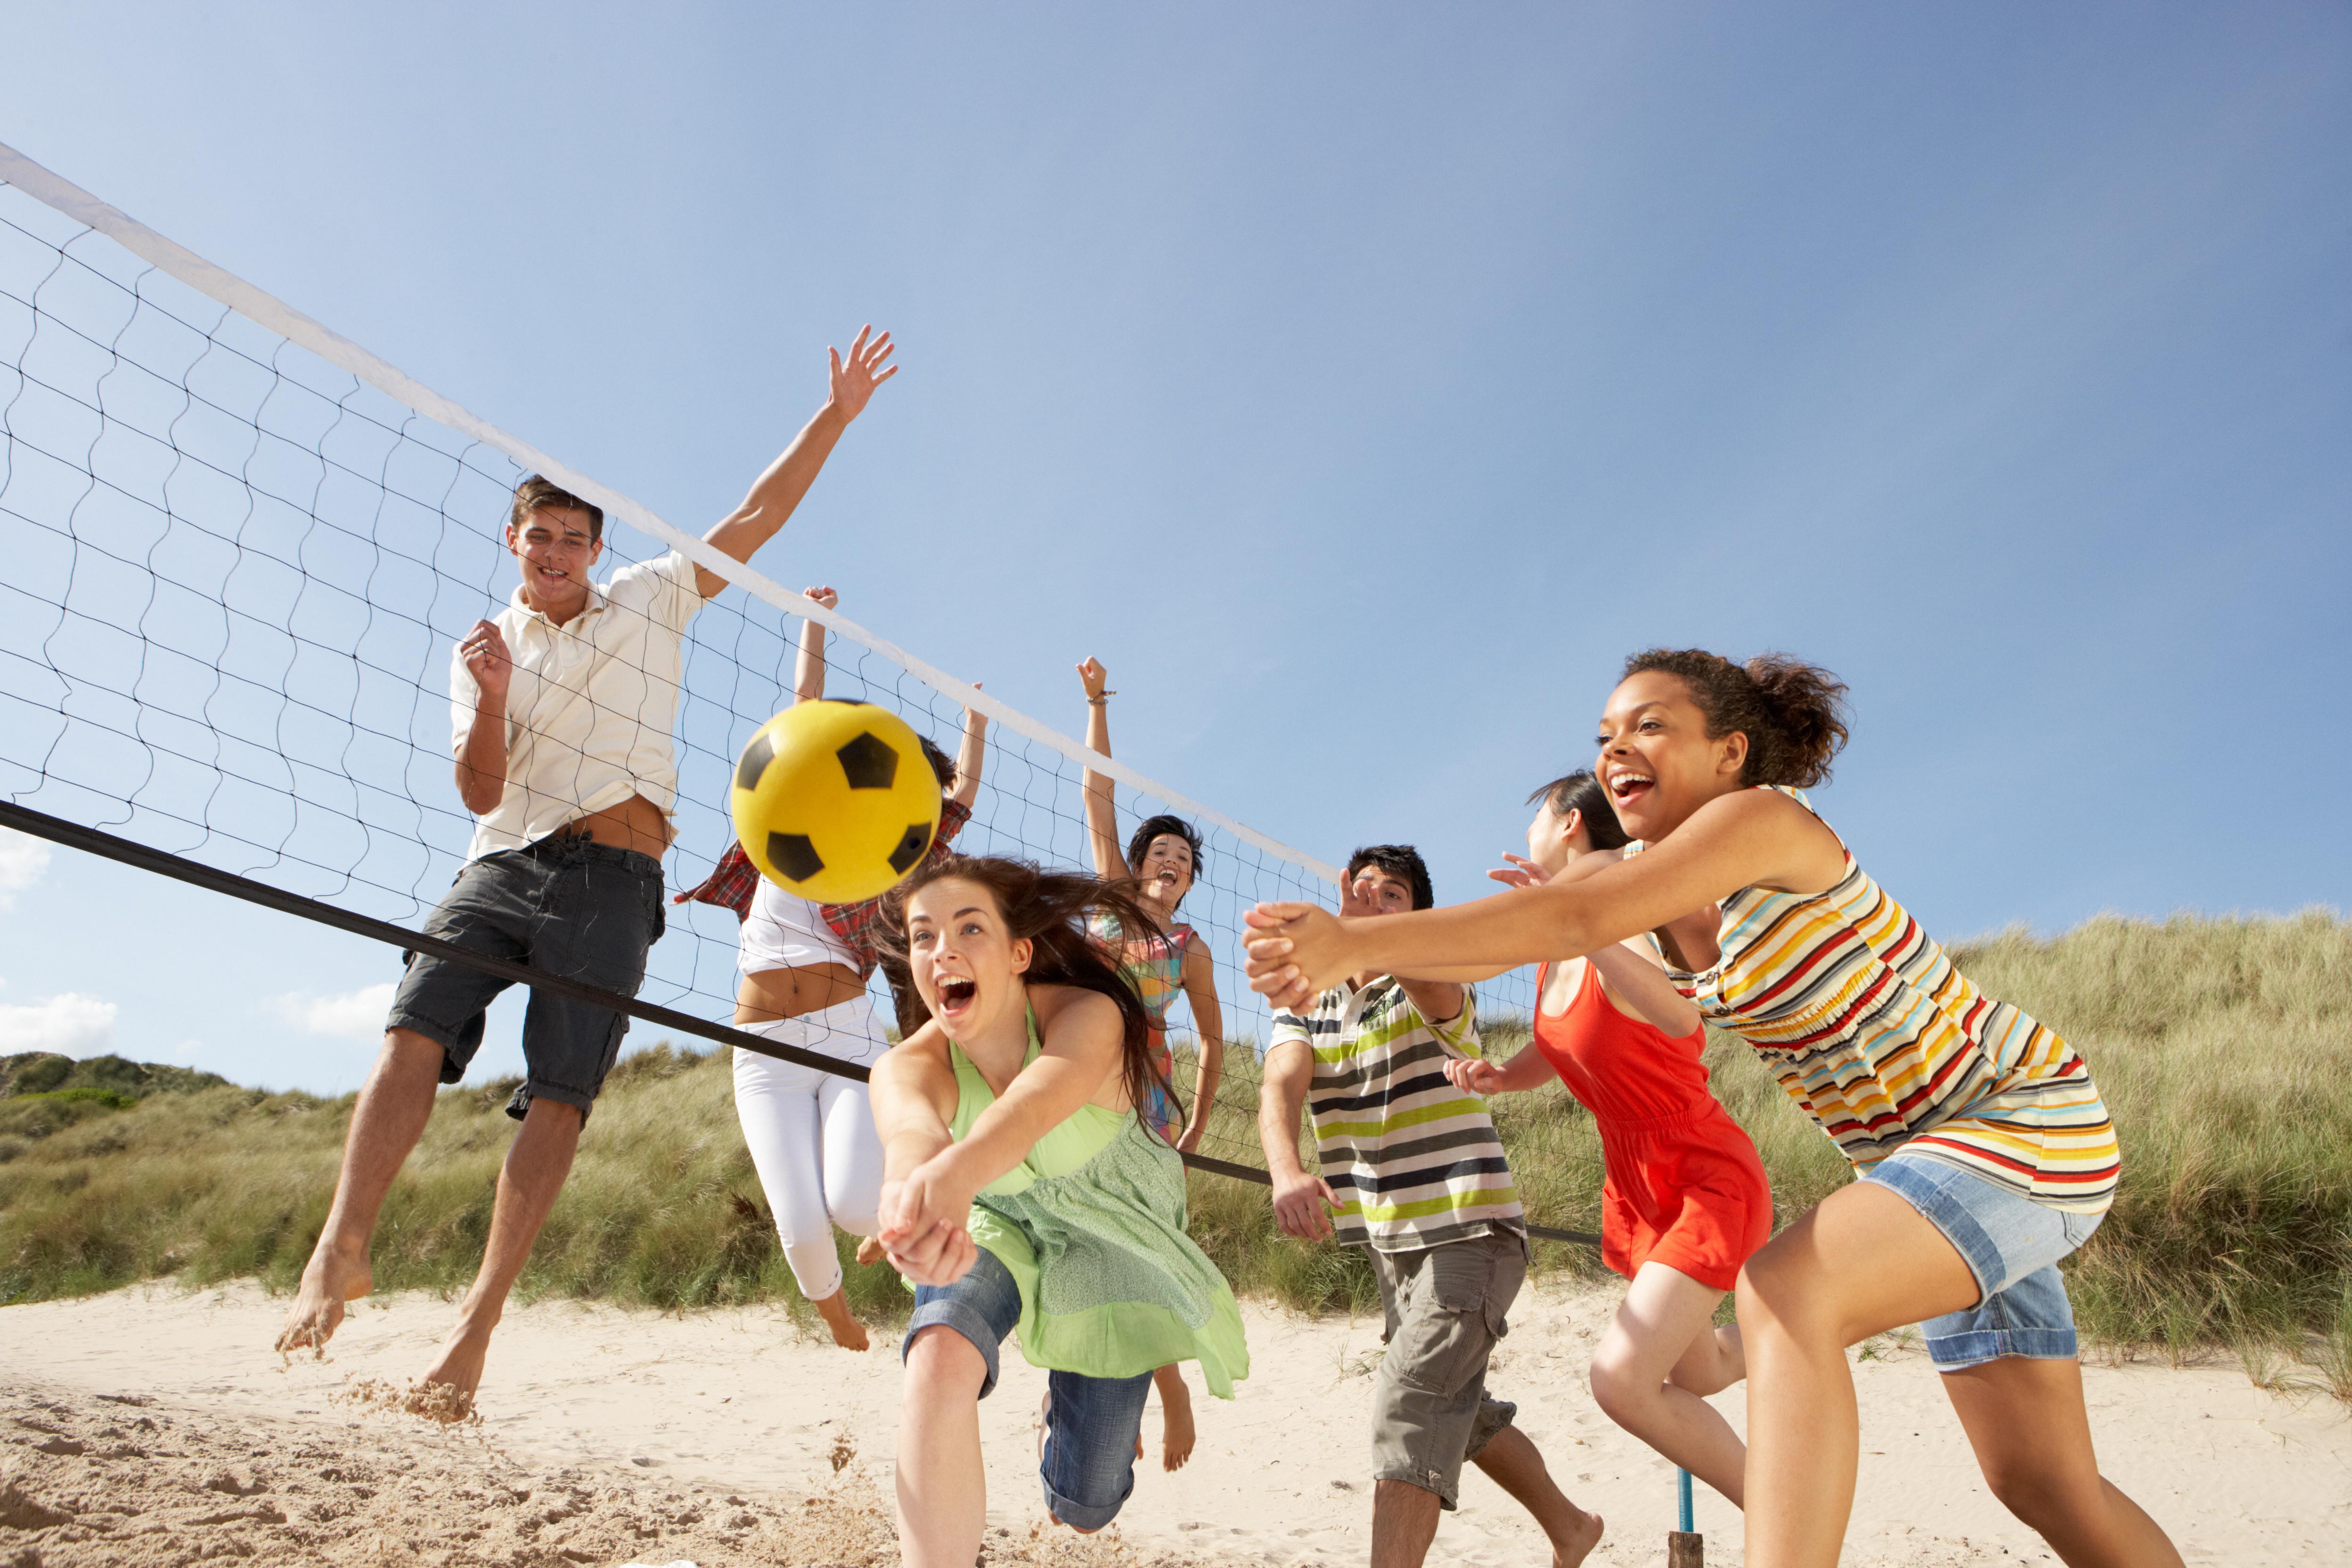 Beach Volleyball Pics & wallpaper